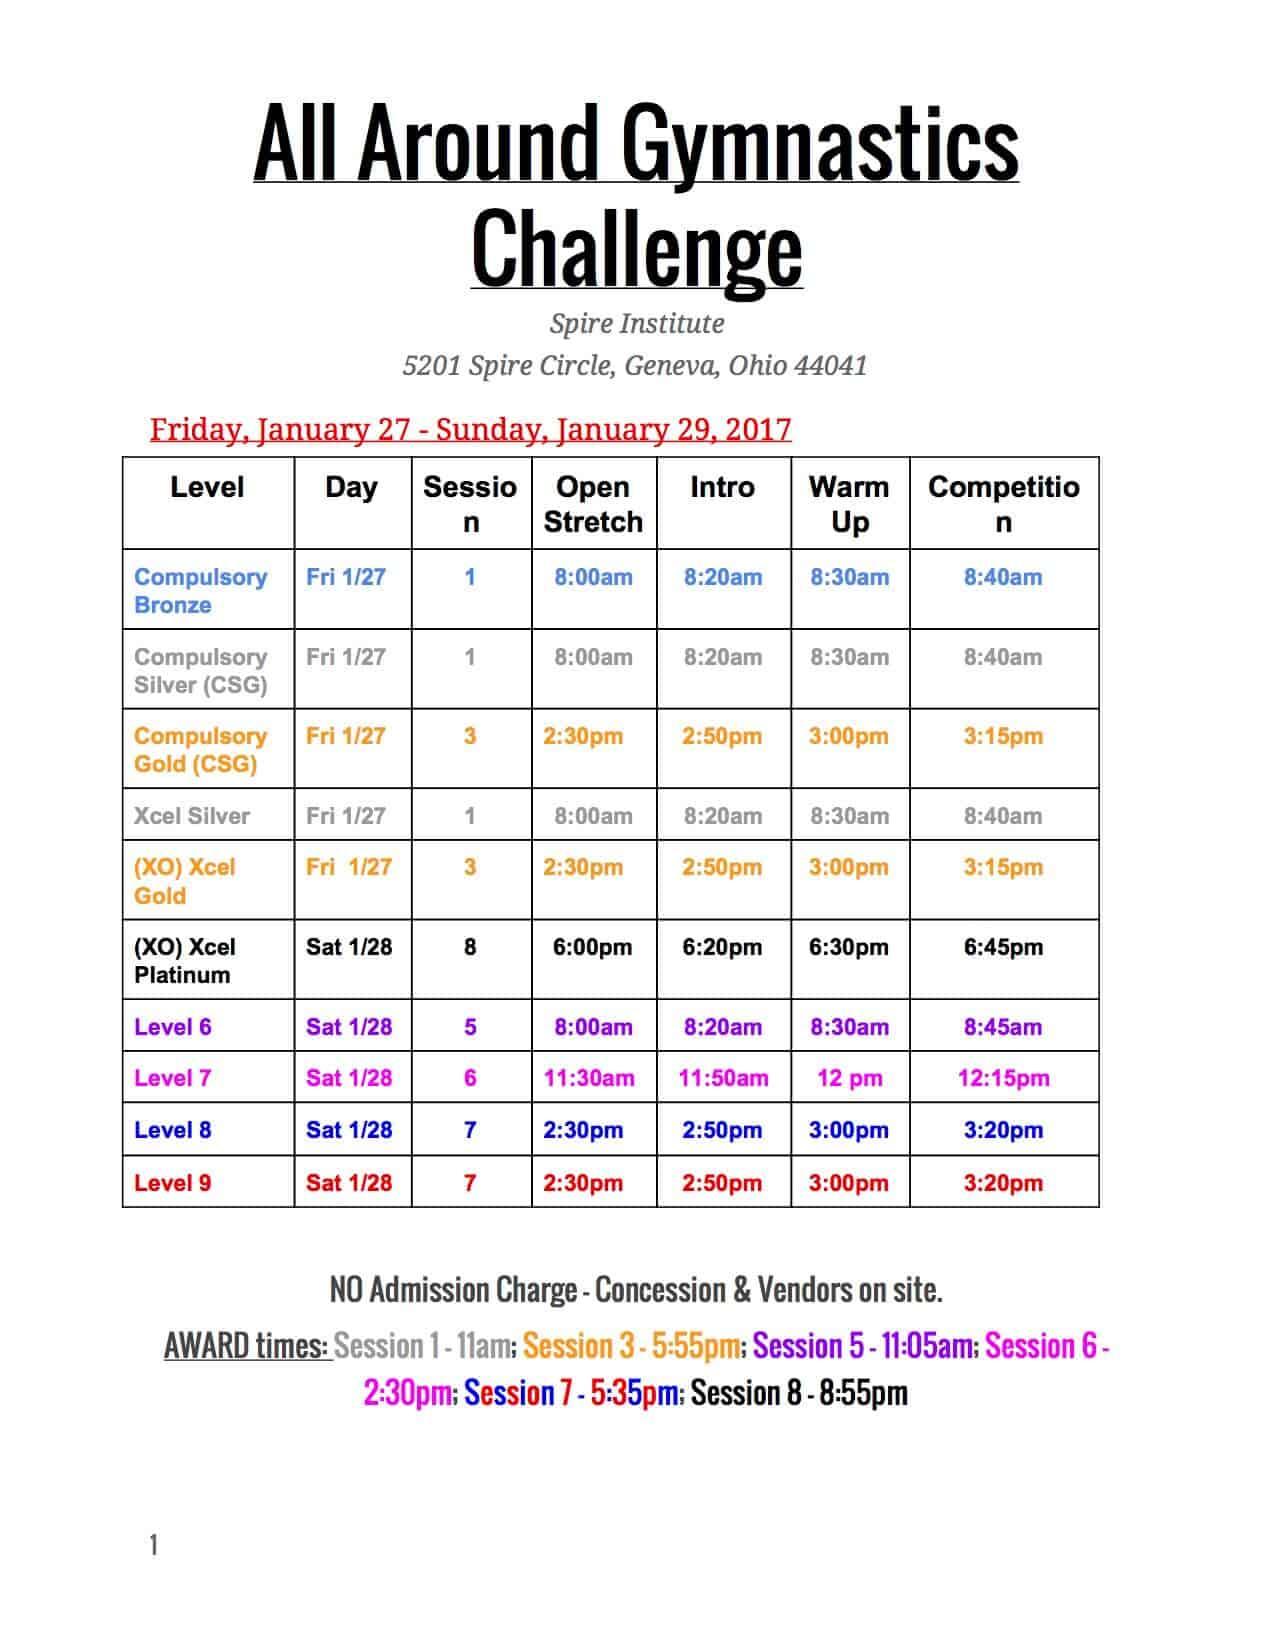 All Around Gymnastics Challenge Meet Schedule